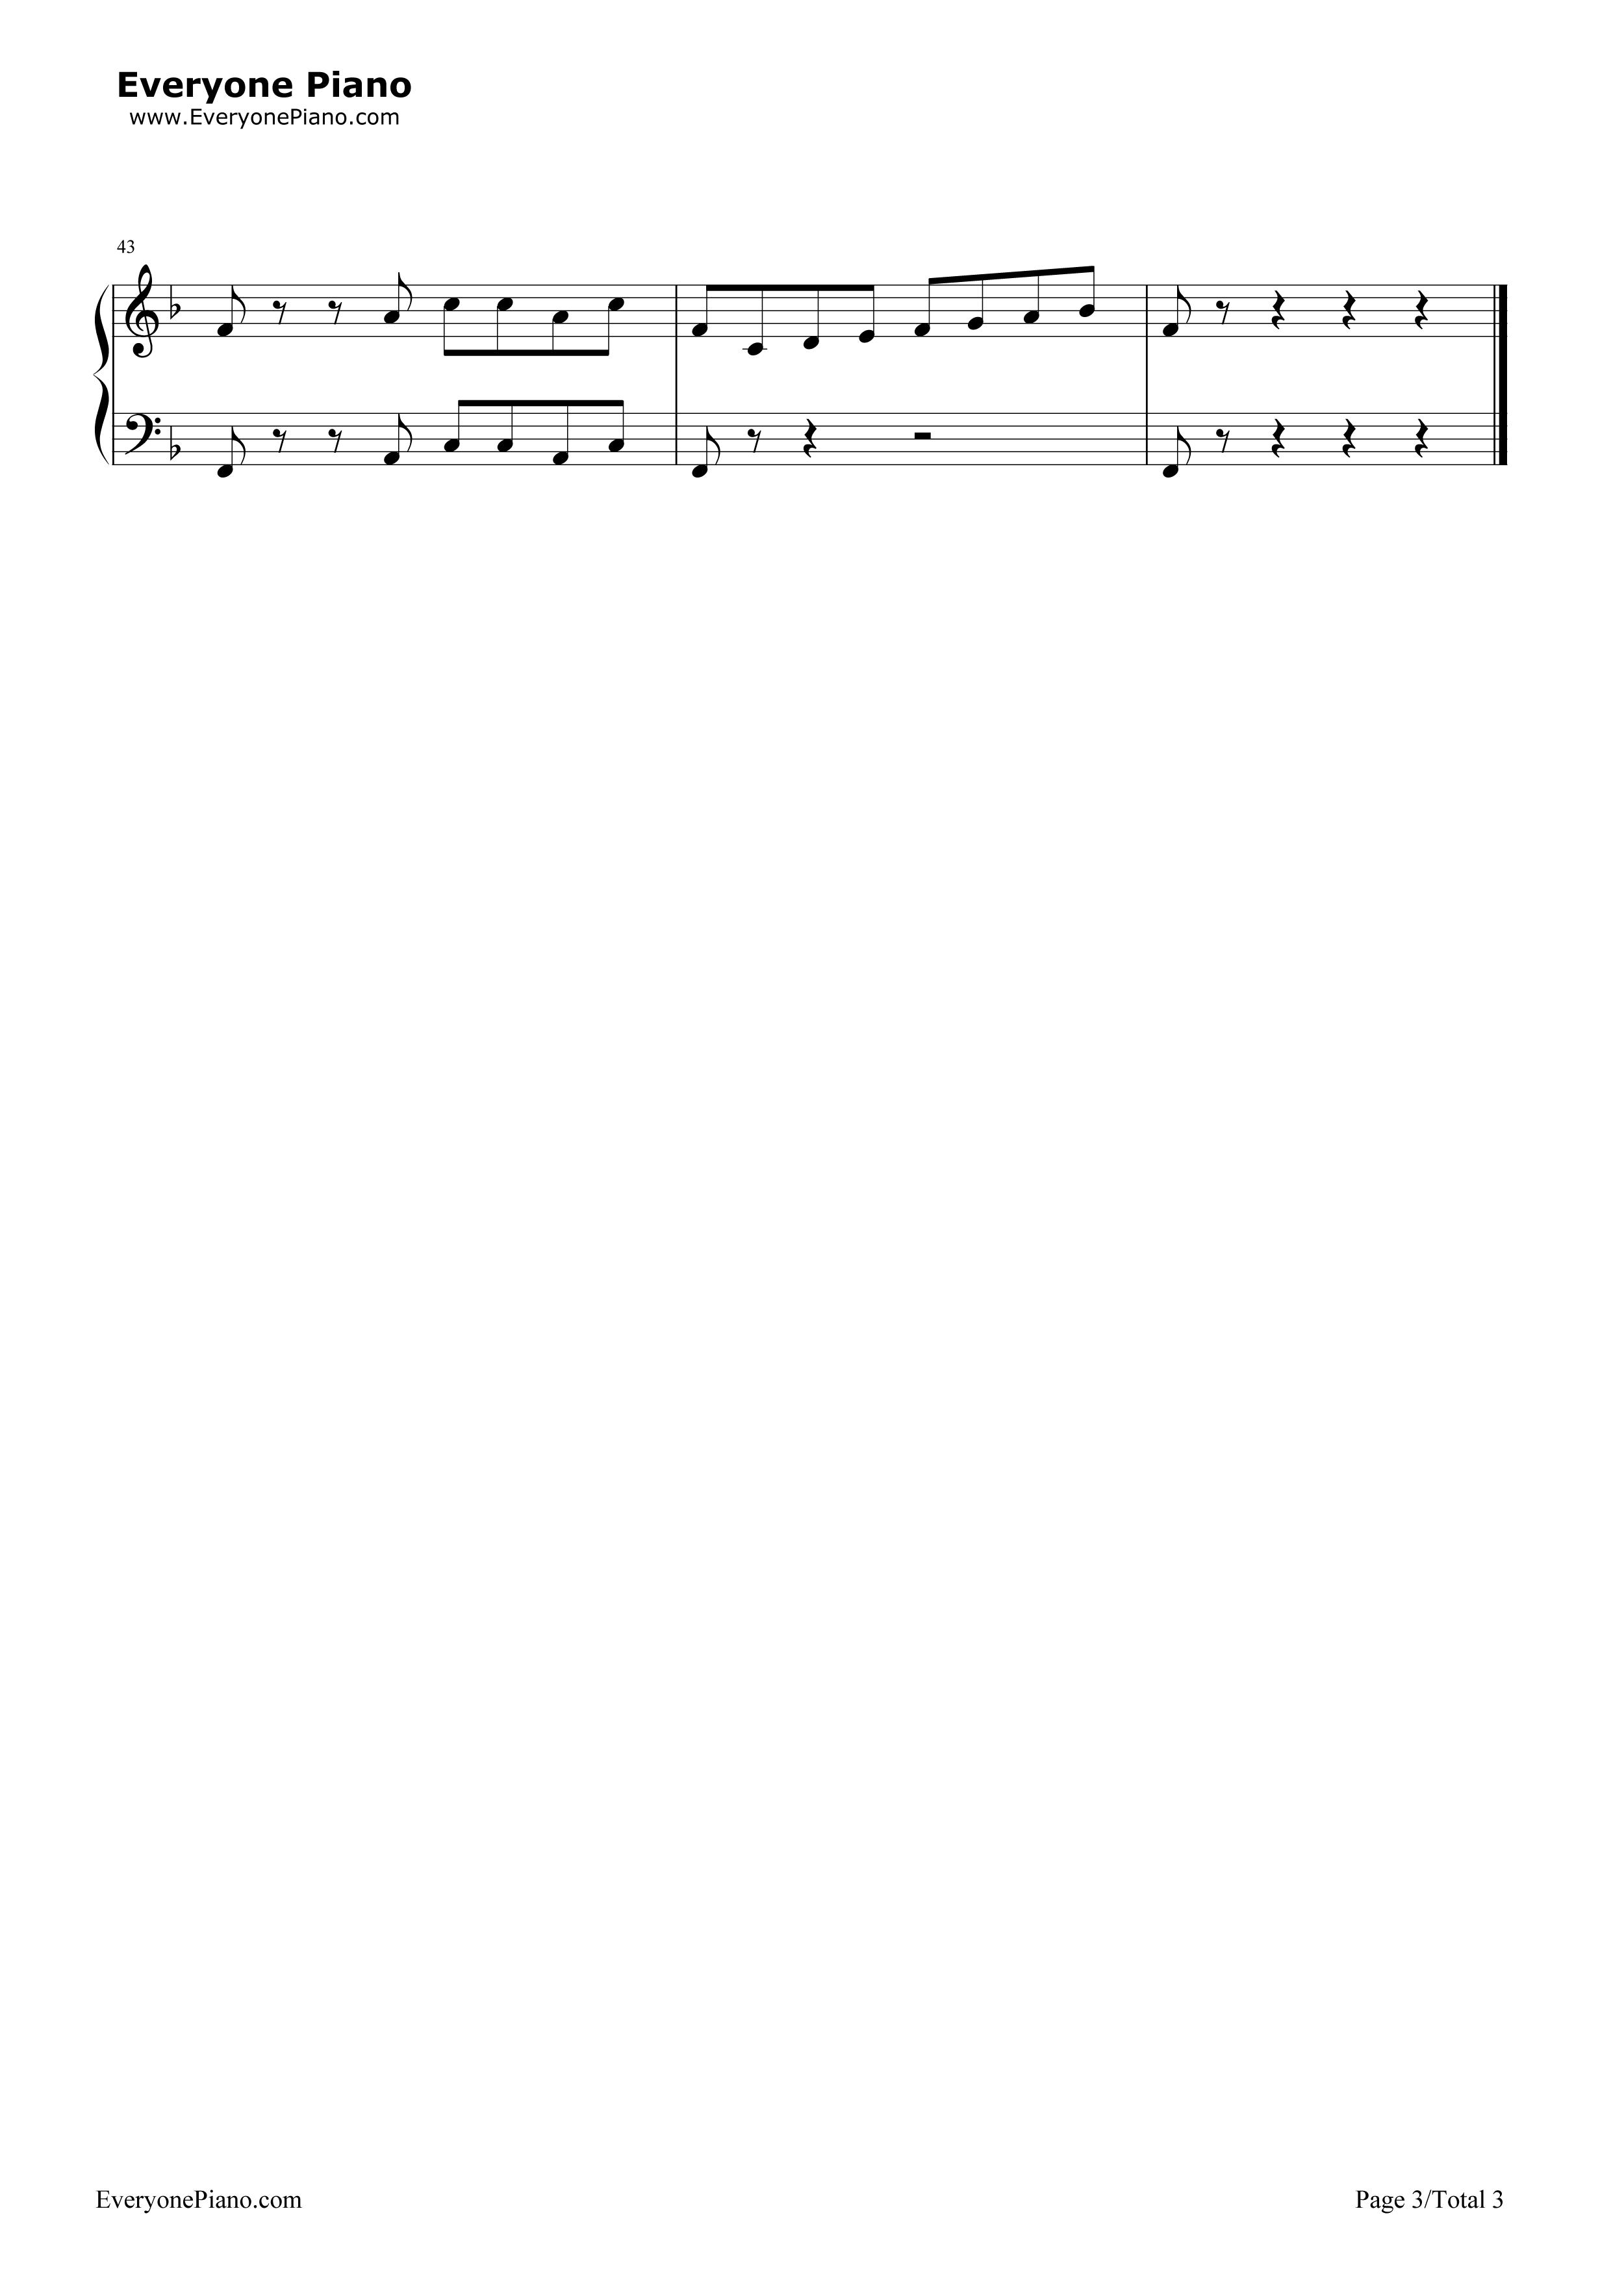 冒险岛bgm-fc游戏《冒险岛》-eop教学曲五线谱预览3